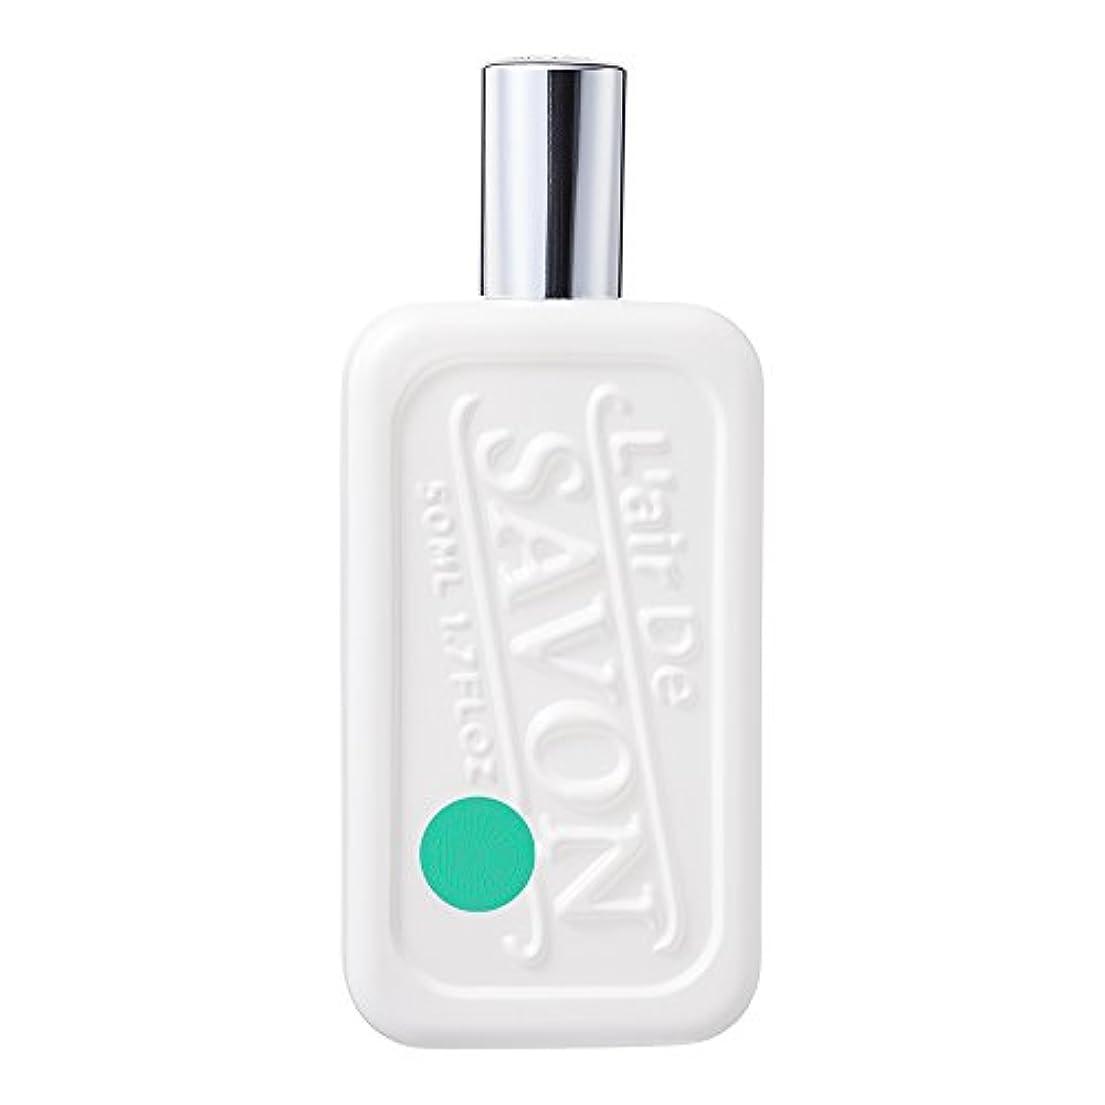 液化する気楽な費用レールデュサボン(L'air De SAVON) オードトワレ(エターナルモーメント) 50ml